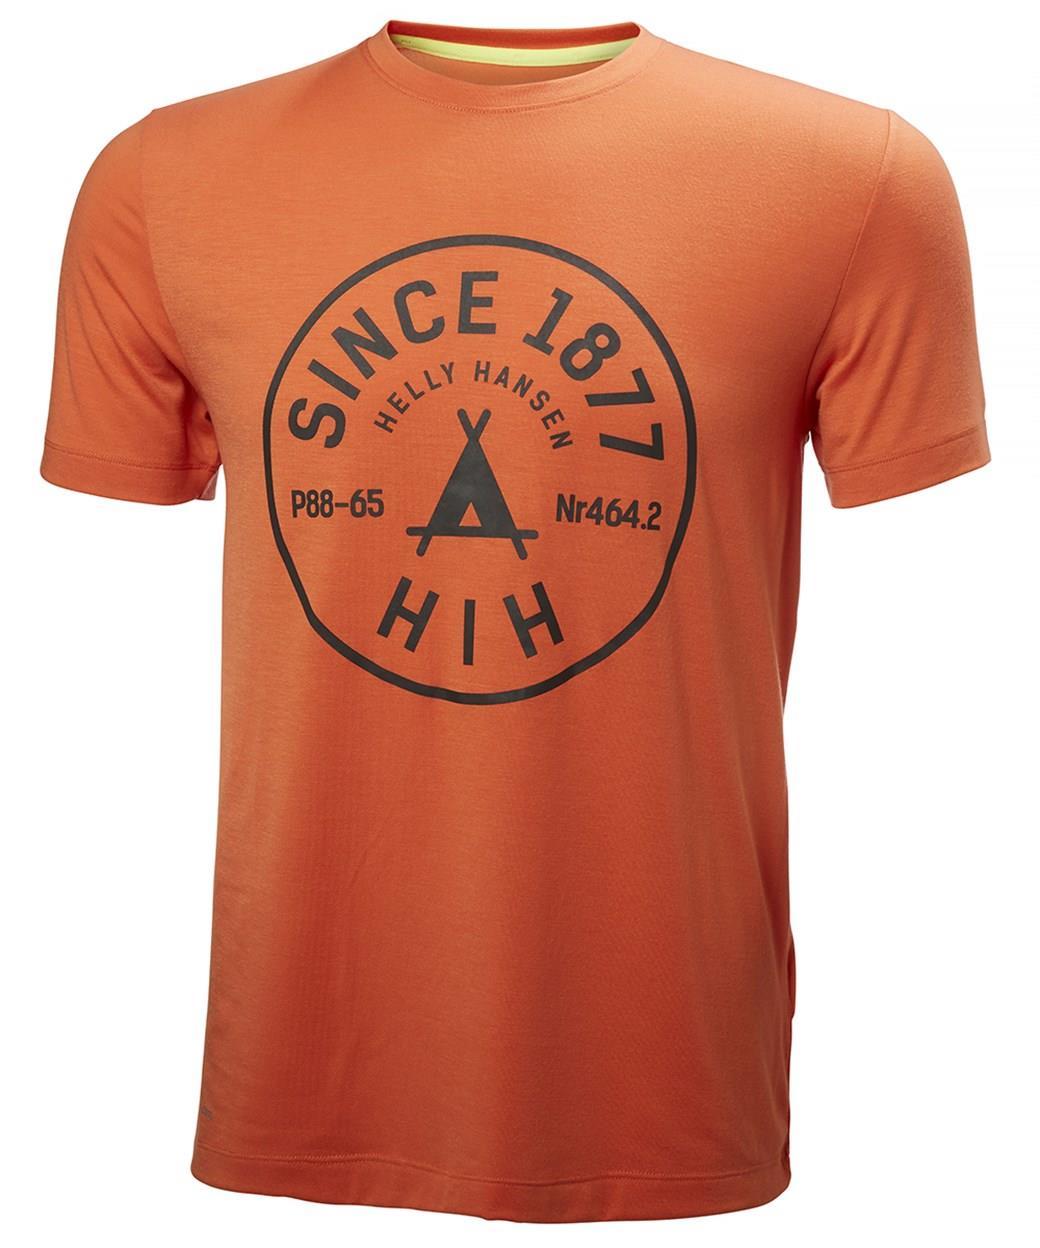 Helly Hansen Rune Ss Tee Hha62744